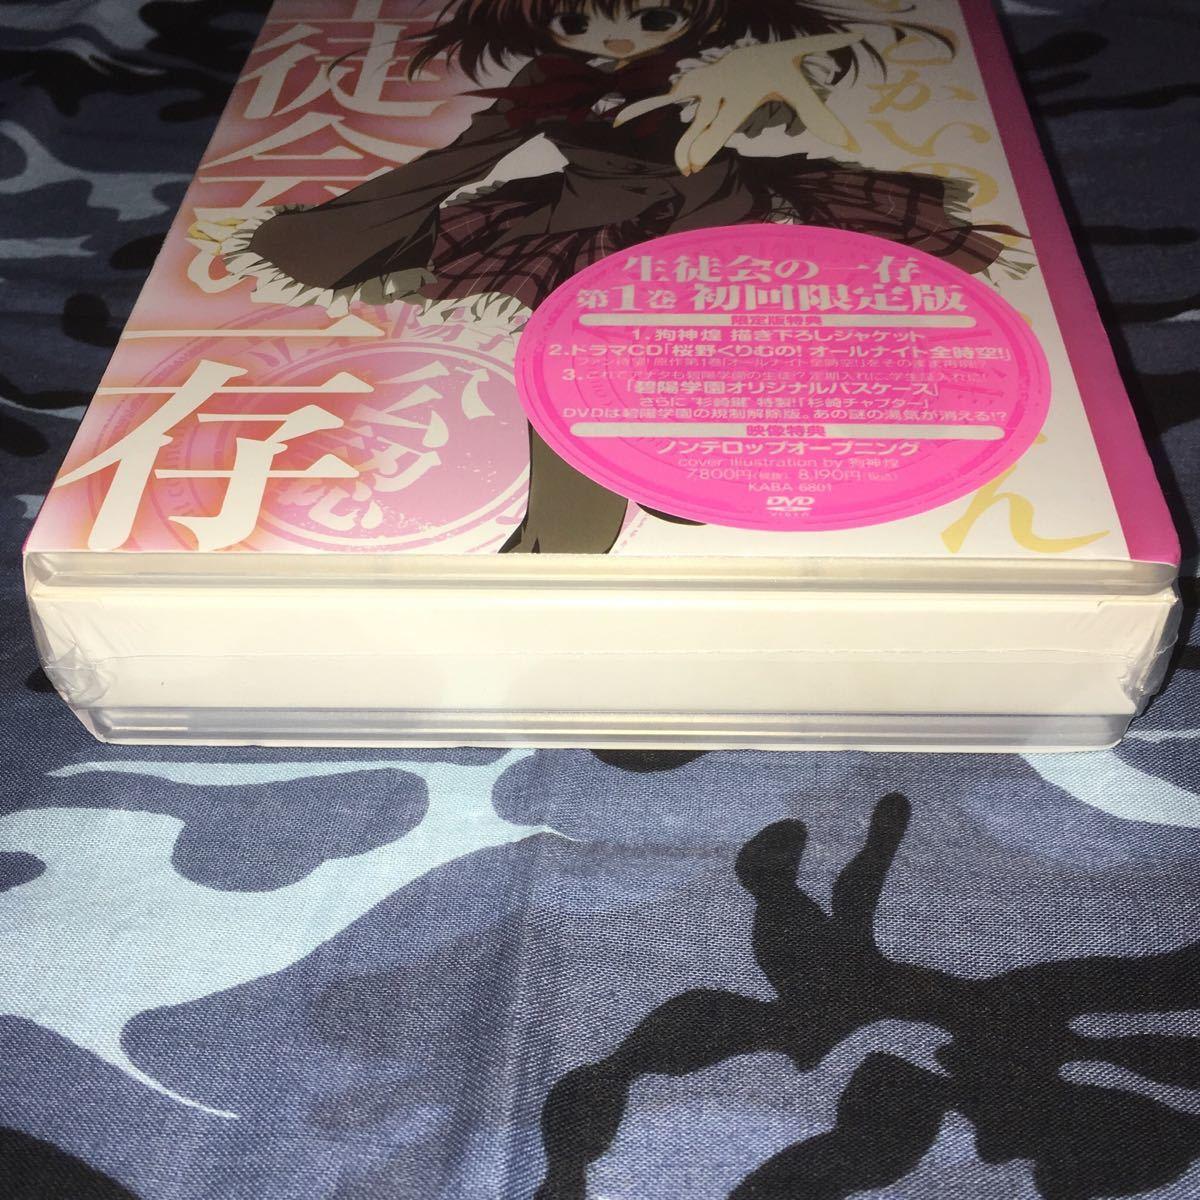 生徒会の一存 第1巻 初回限定版 DVD 未開封 送料無料 匿名配送